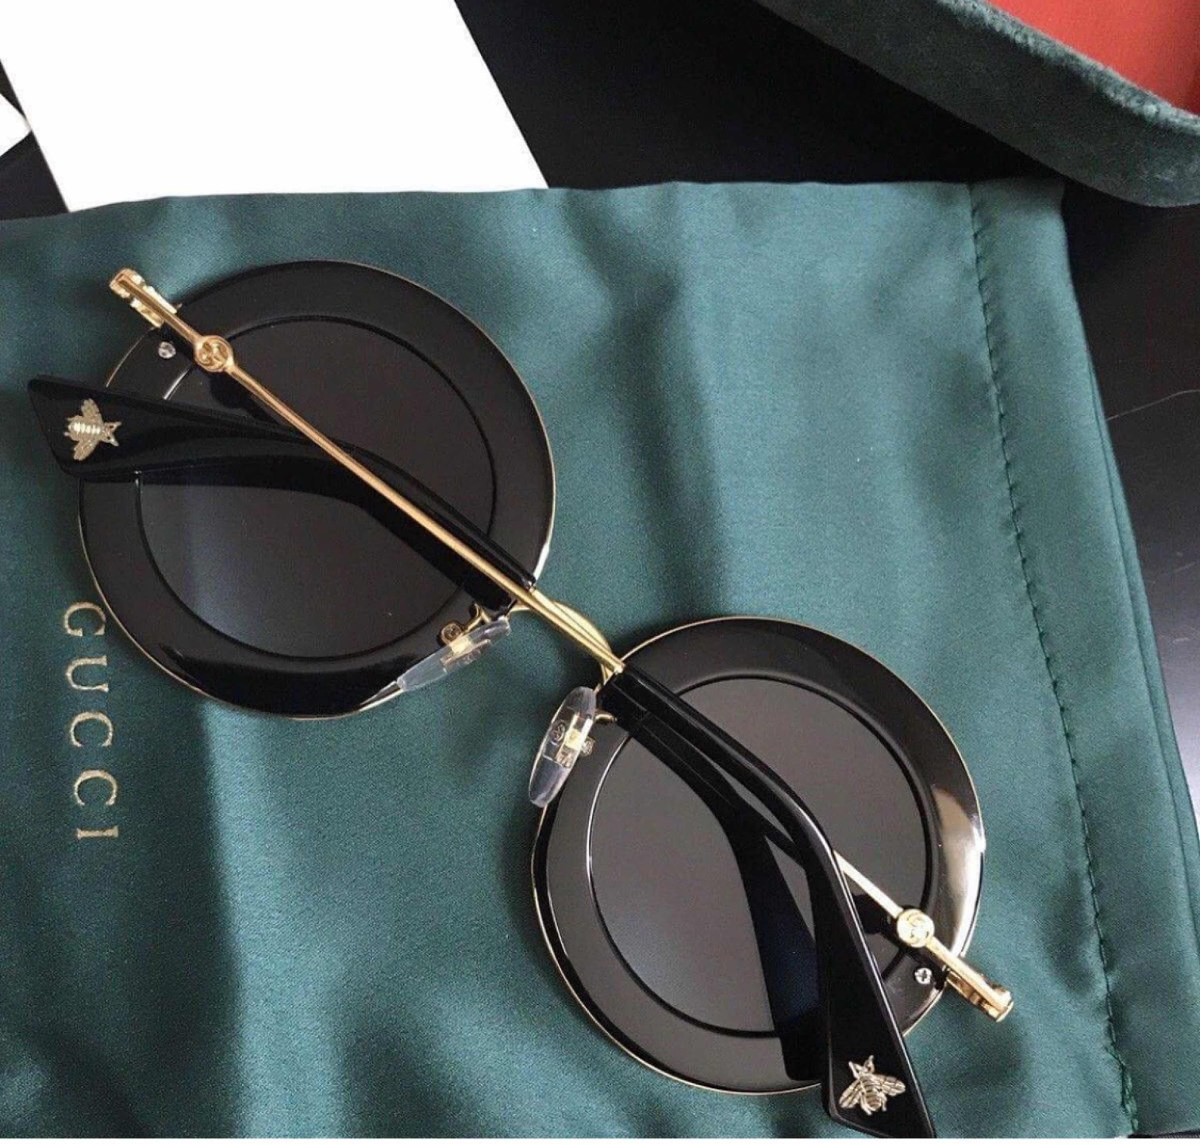 6bd59c6dccb11 Óculos Gucci Preto L Aveugle Novo Original - R  1.199,00 em Mercado ...